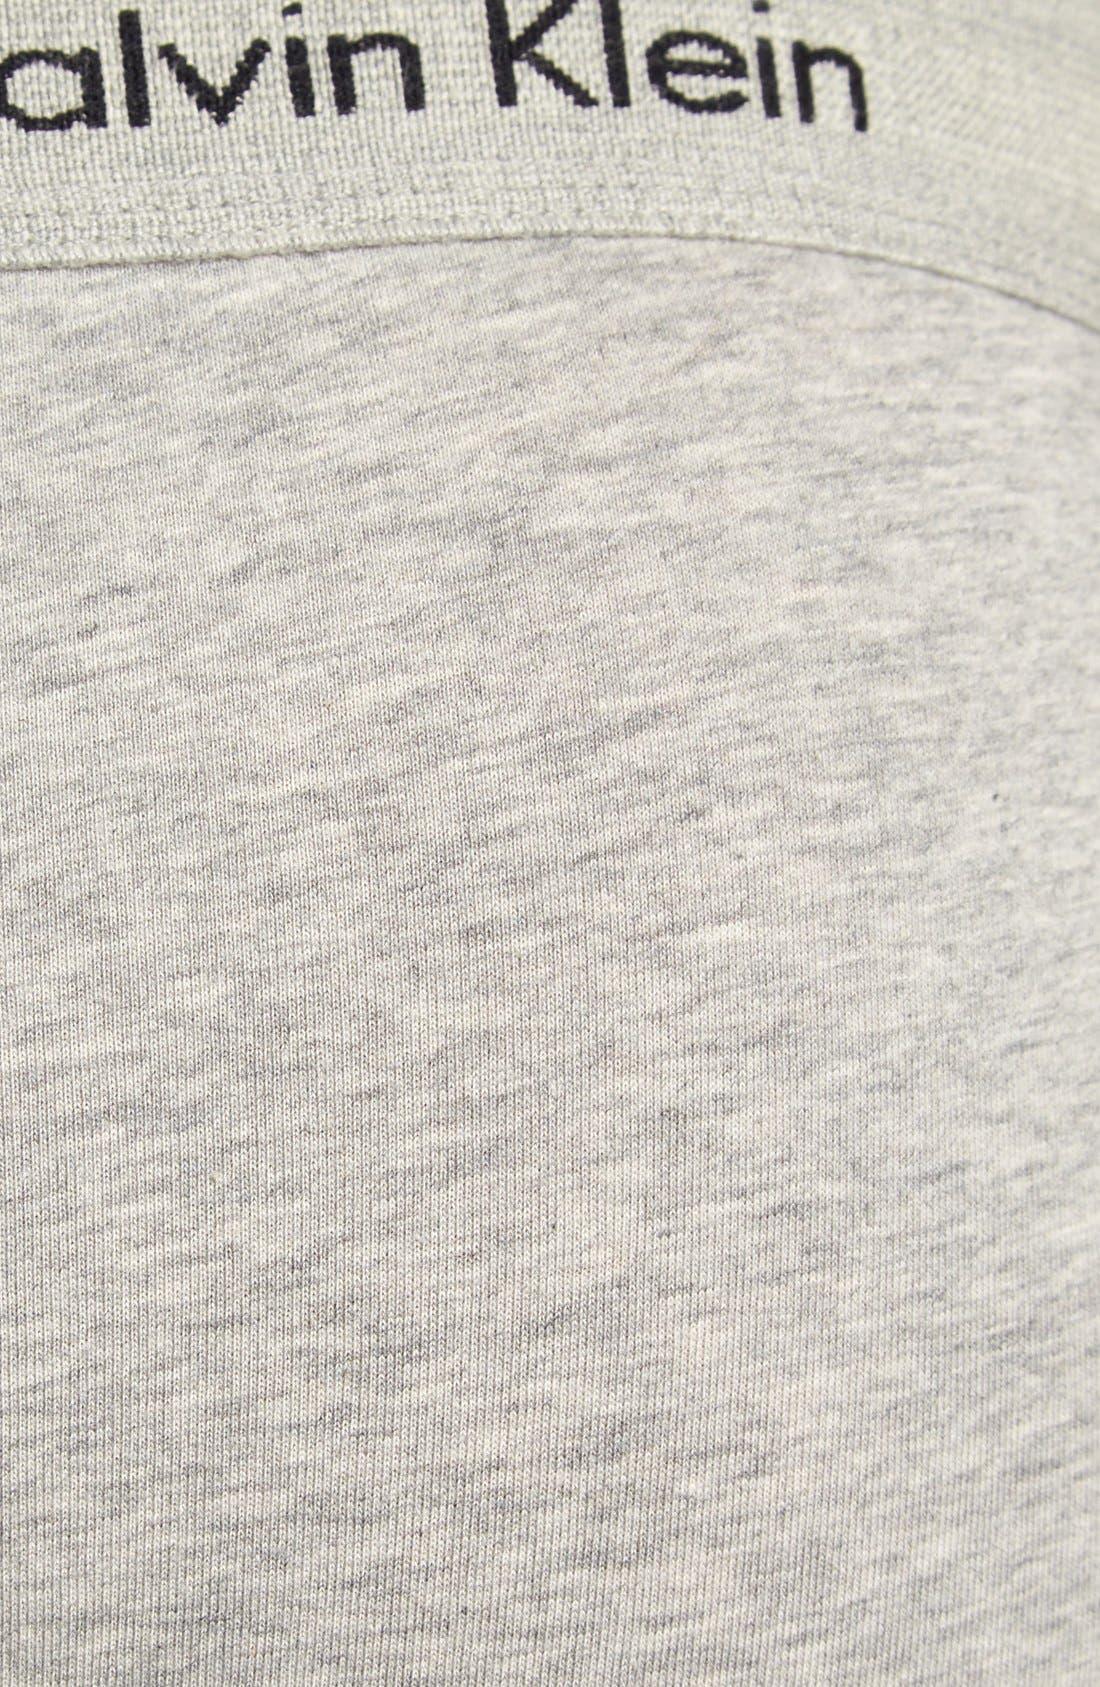 Alternate Image 3  - Calvin Klein 'U2671' Stretch Cotton Briefs (2-Pack)